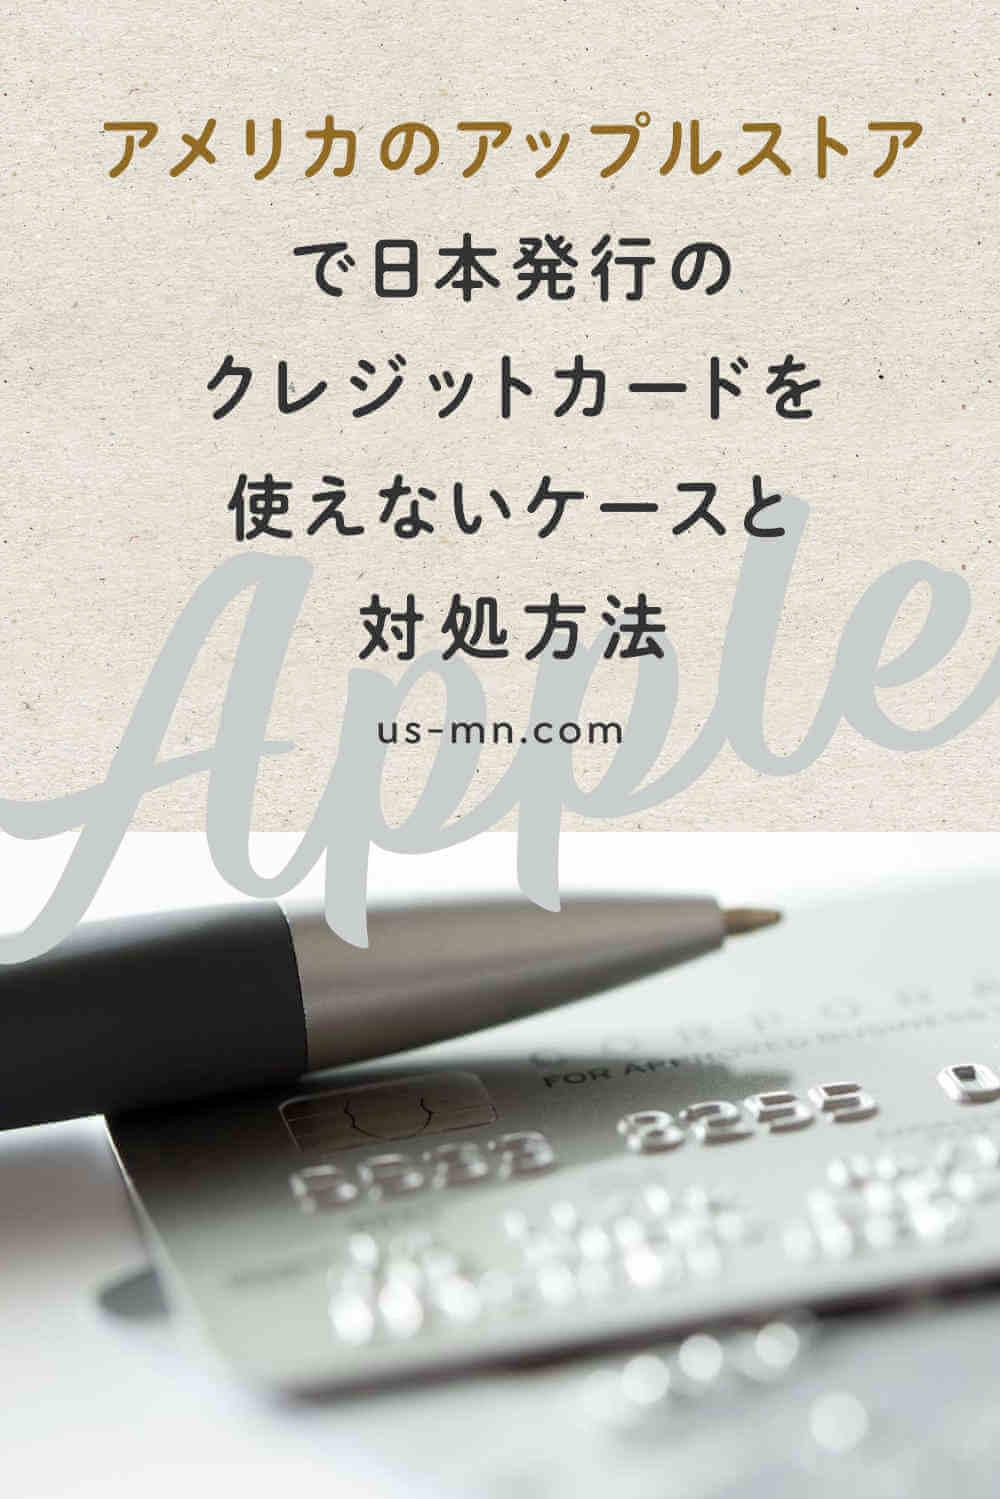 アメリカのアップルストアで日本発行のクレジットカードを使えないケースと対処方法